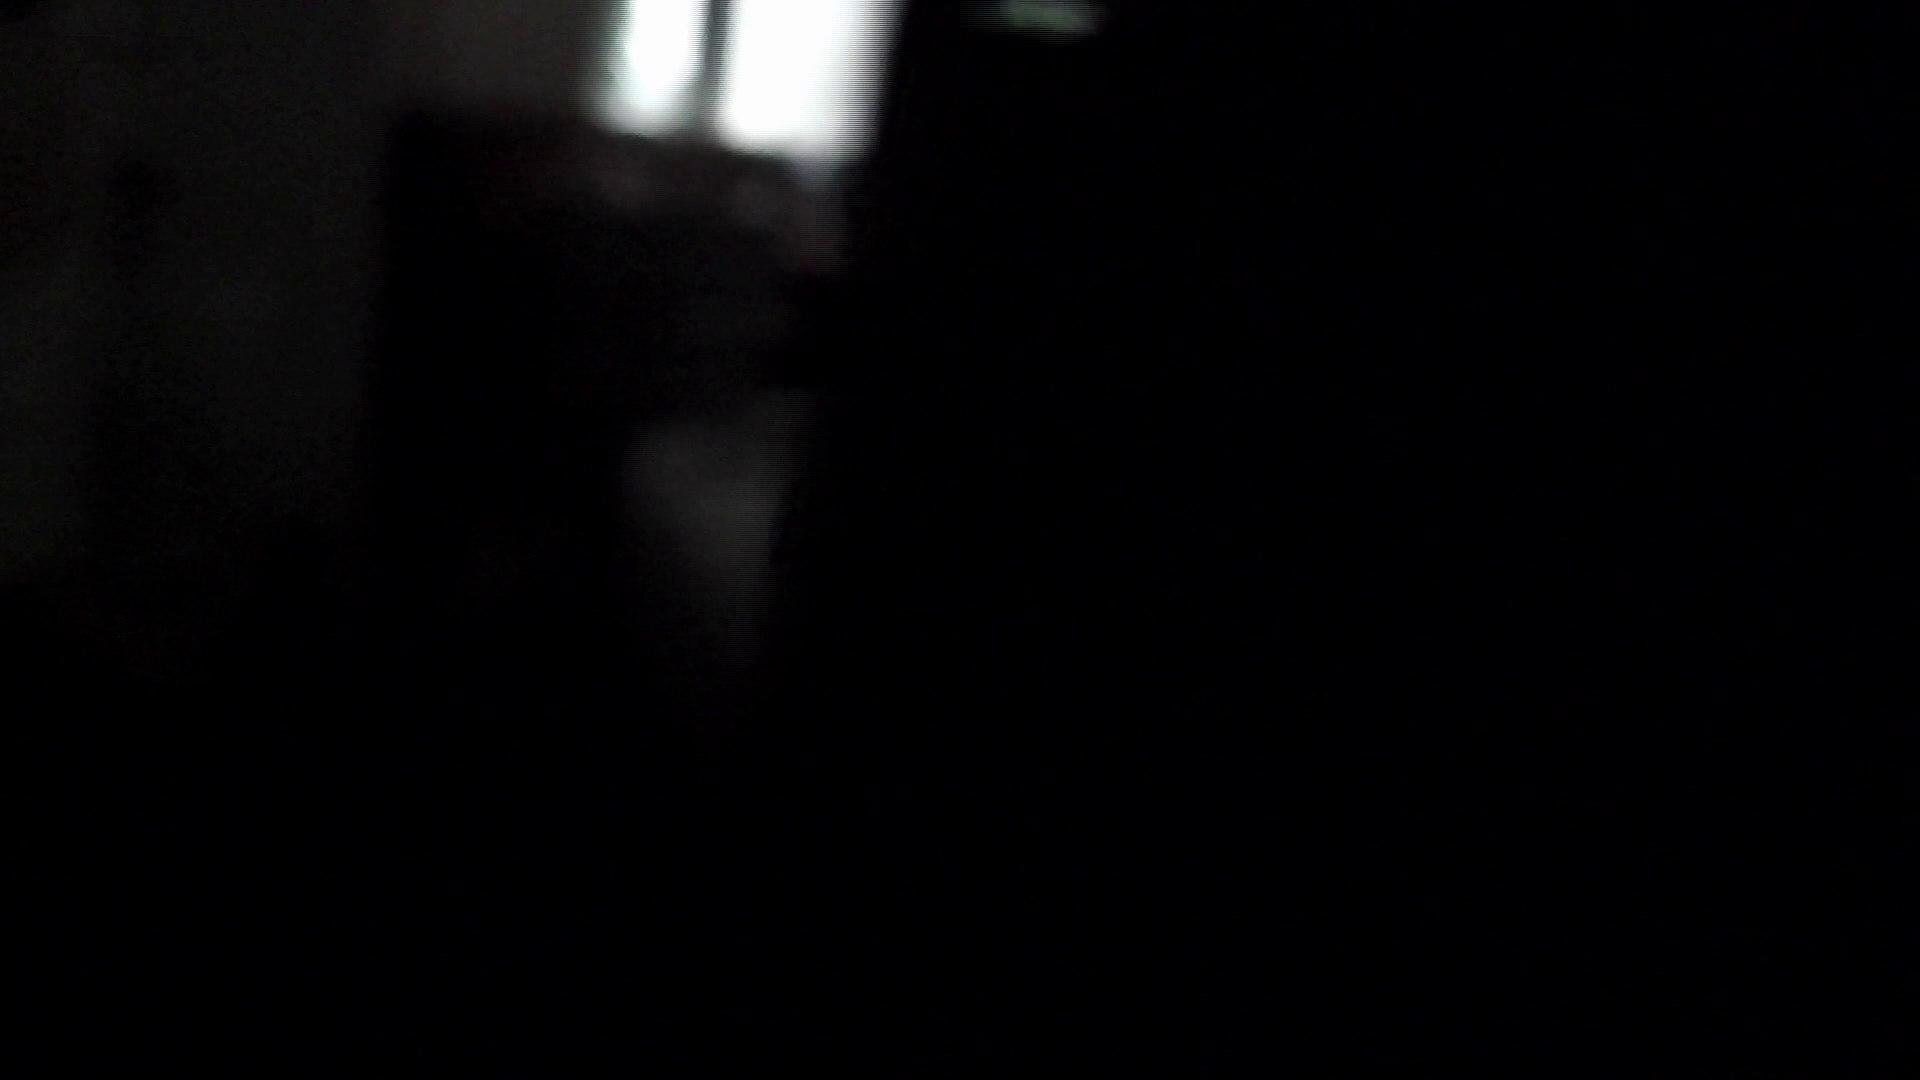 ヒトニアラヅNo.01 侵入 盗撮映像大放出 AV無料動画キャプチャ 81連発 27